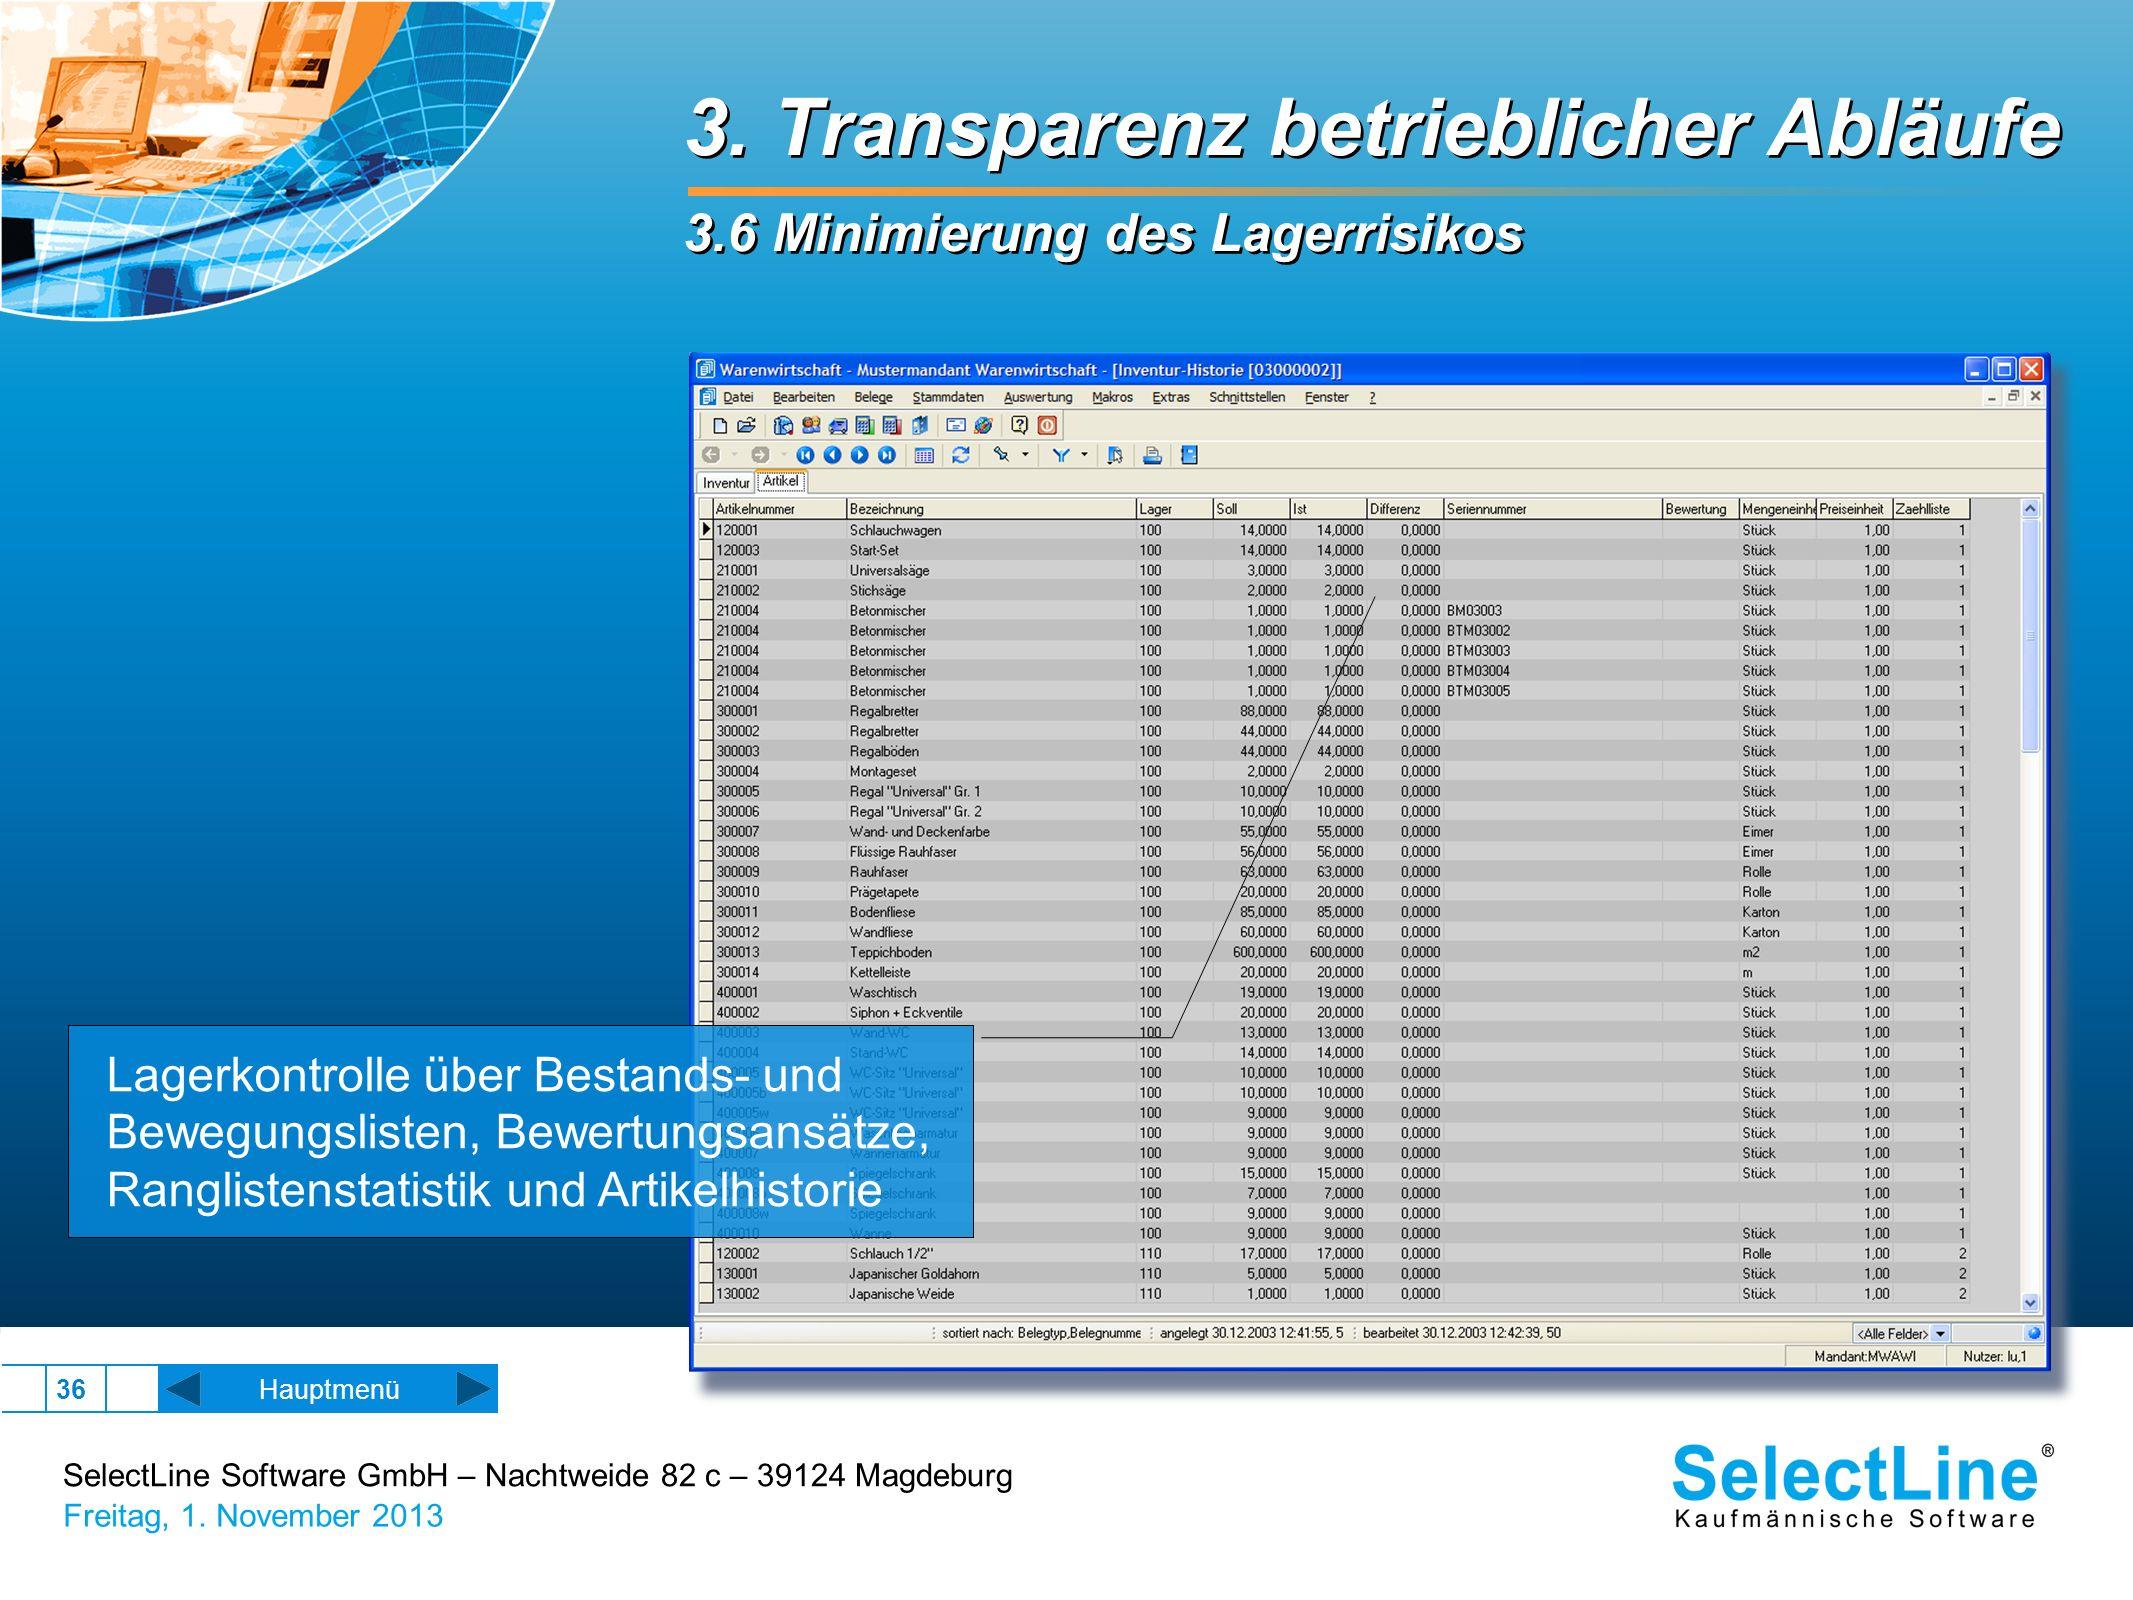 SelectLine Software GmbH – Nachtweide 82 c – 39124 Magdeburg Freitag, 1. November 2013 36 3. Transparenz betrieblicher Abläufe 3.6 Minimierung des Lag